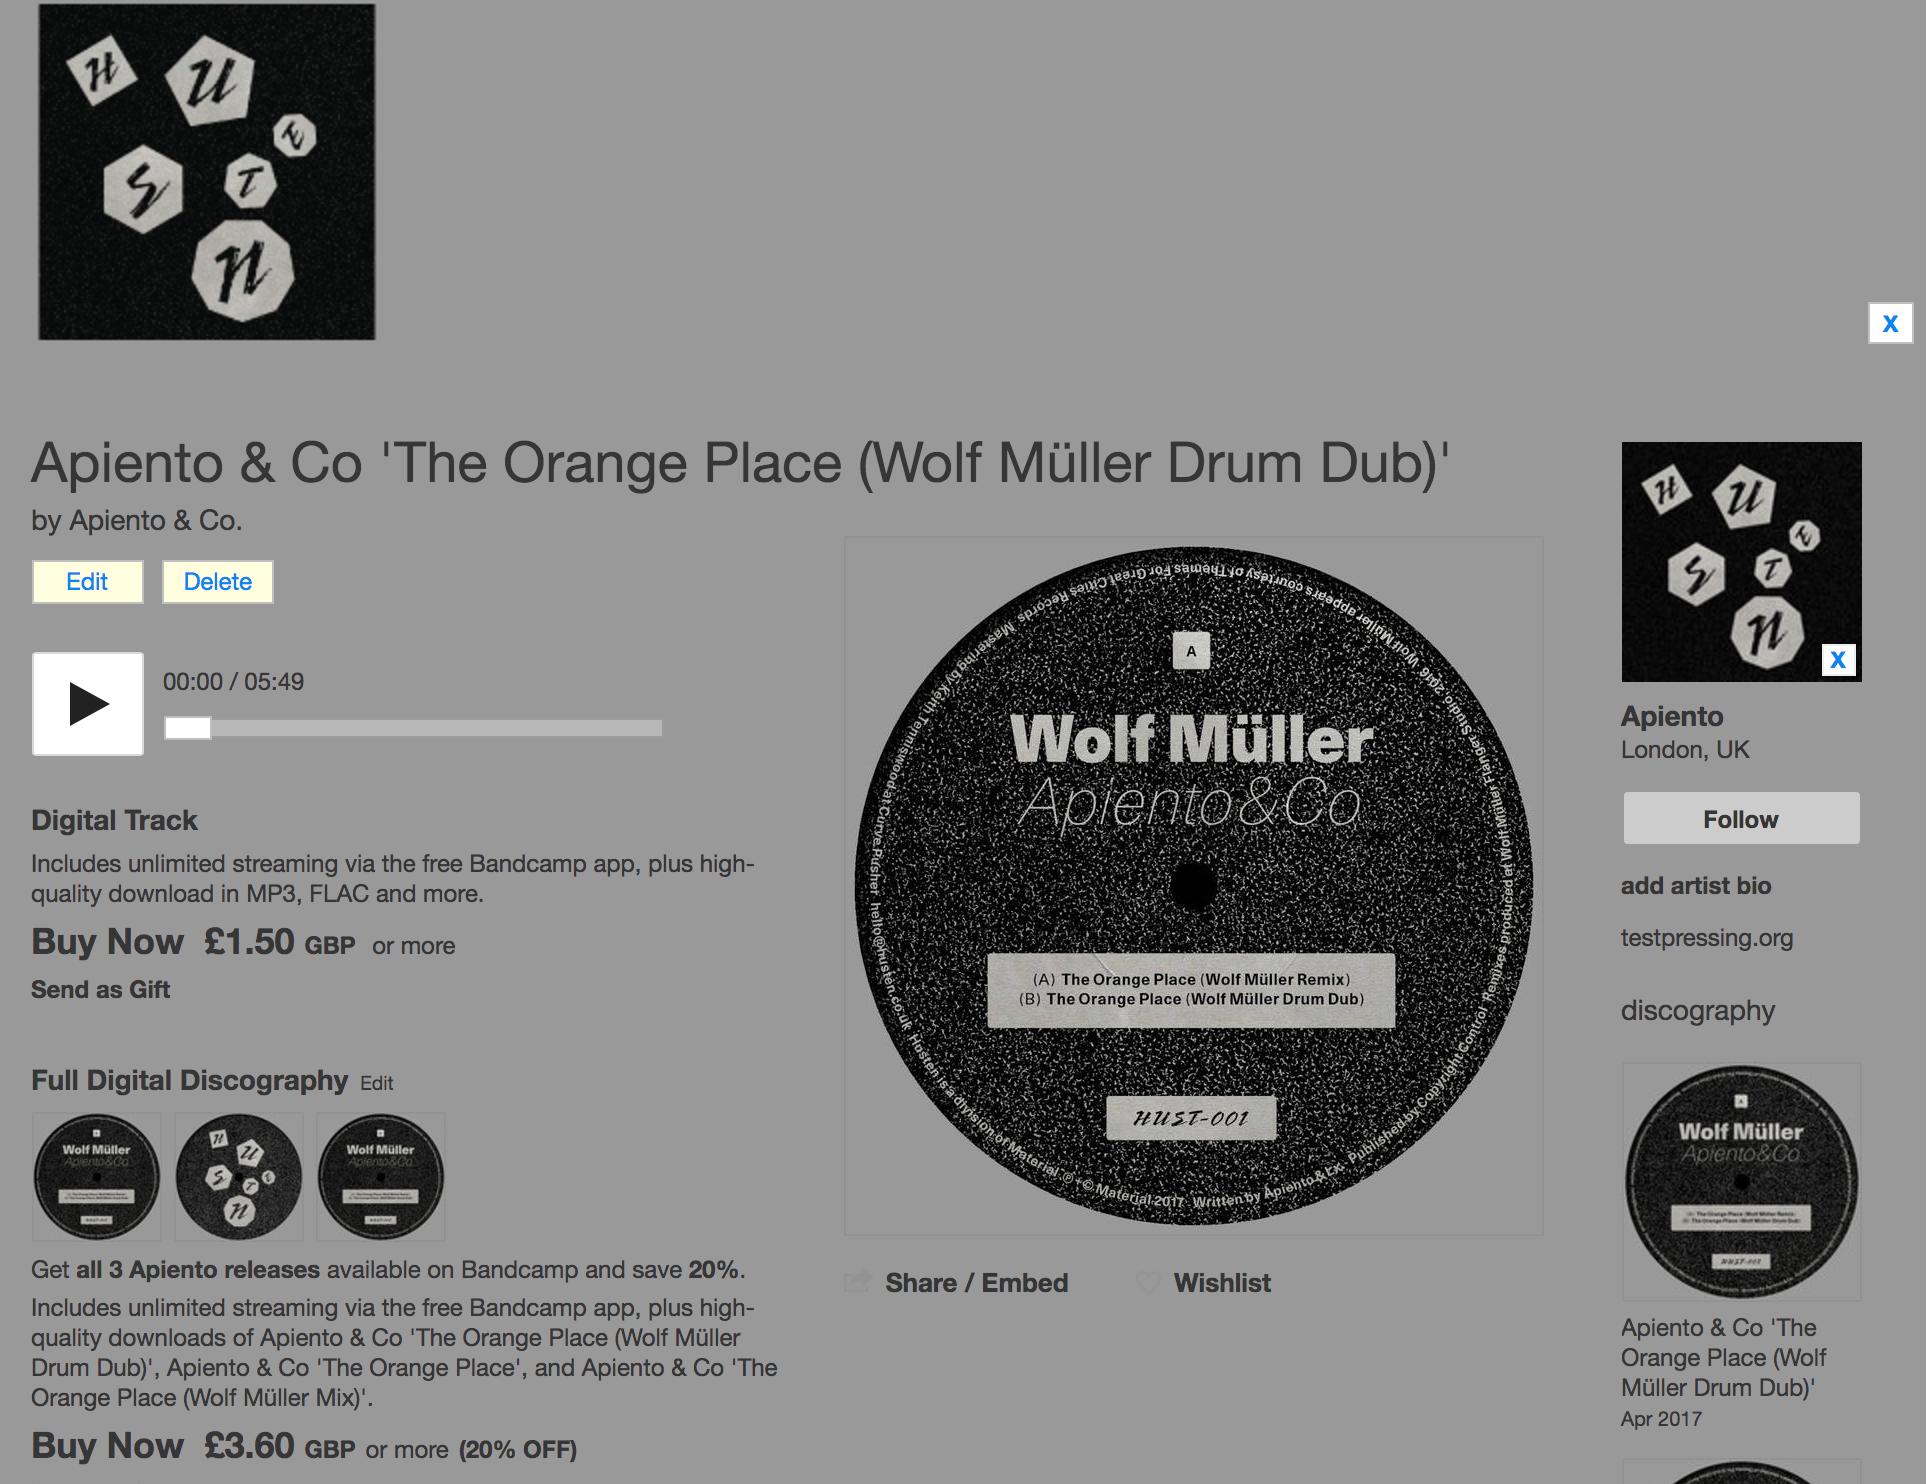 Apiento, Husten, Wolf Müller, Remix, Orange Place, Apiento & Co, Test Pressing